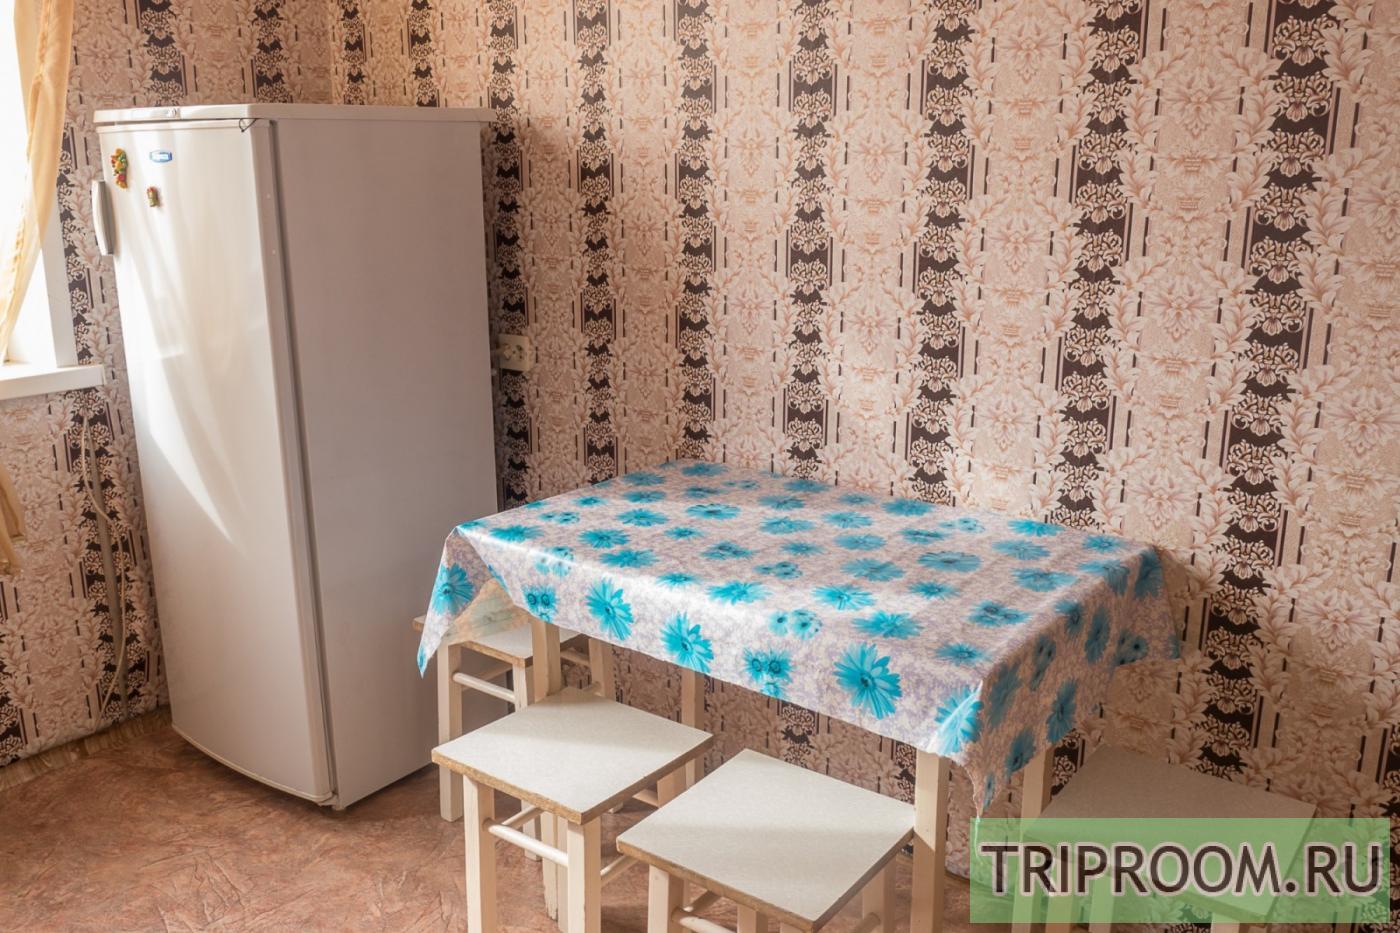 1-комнатная квартира посуточно (вариант № 35008), ул. Побежимова улица, фото № 9